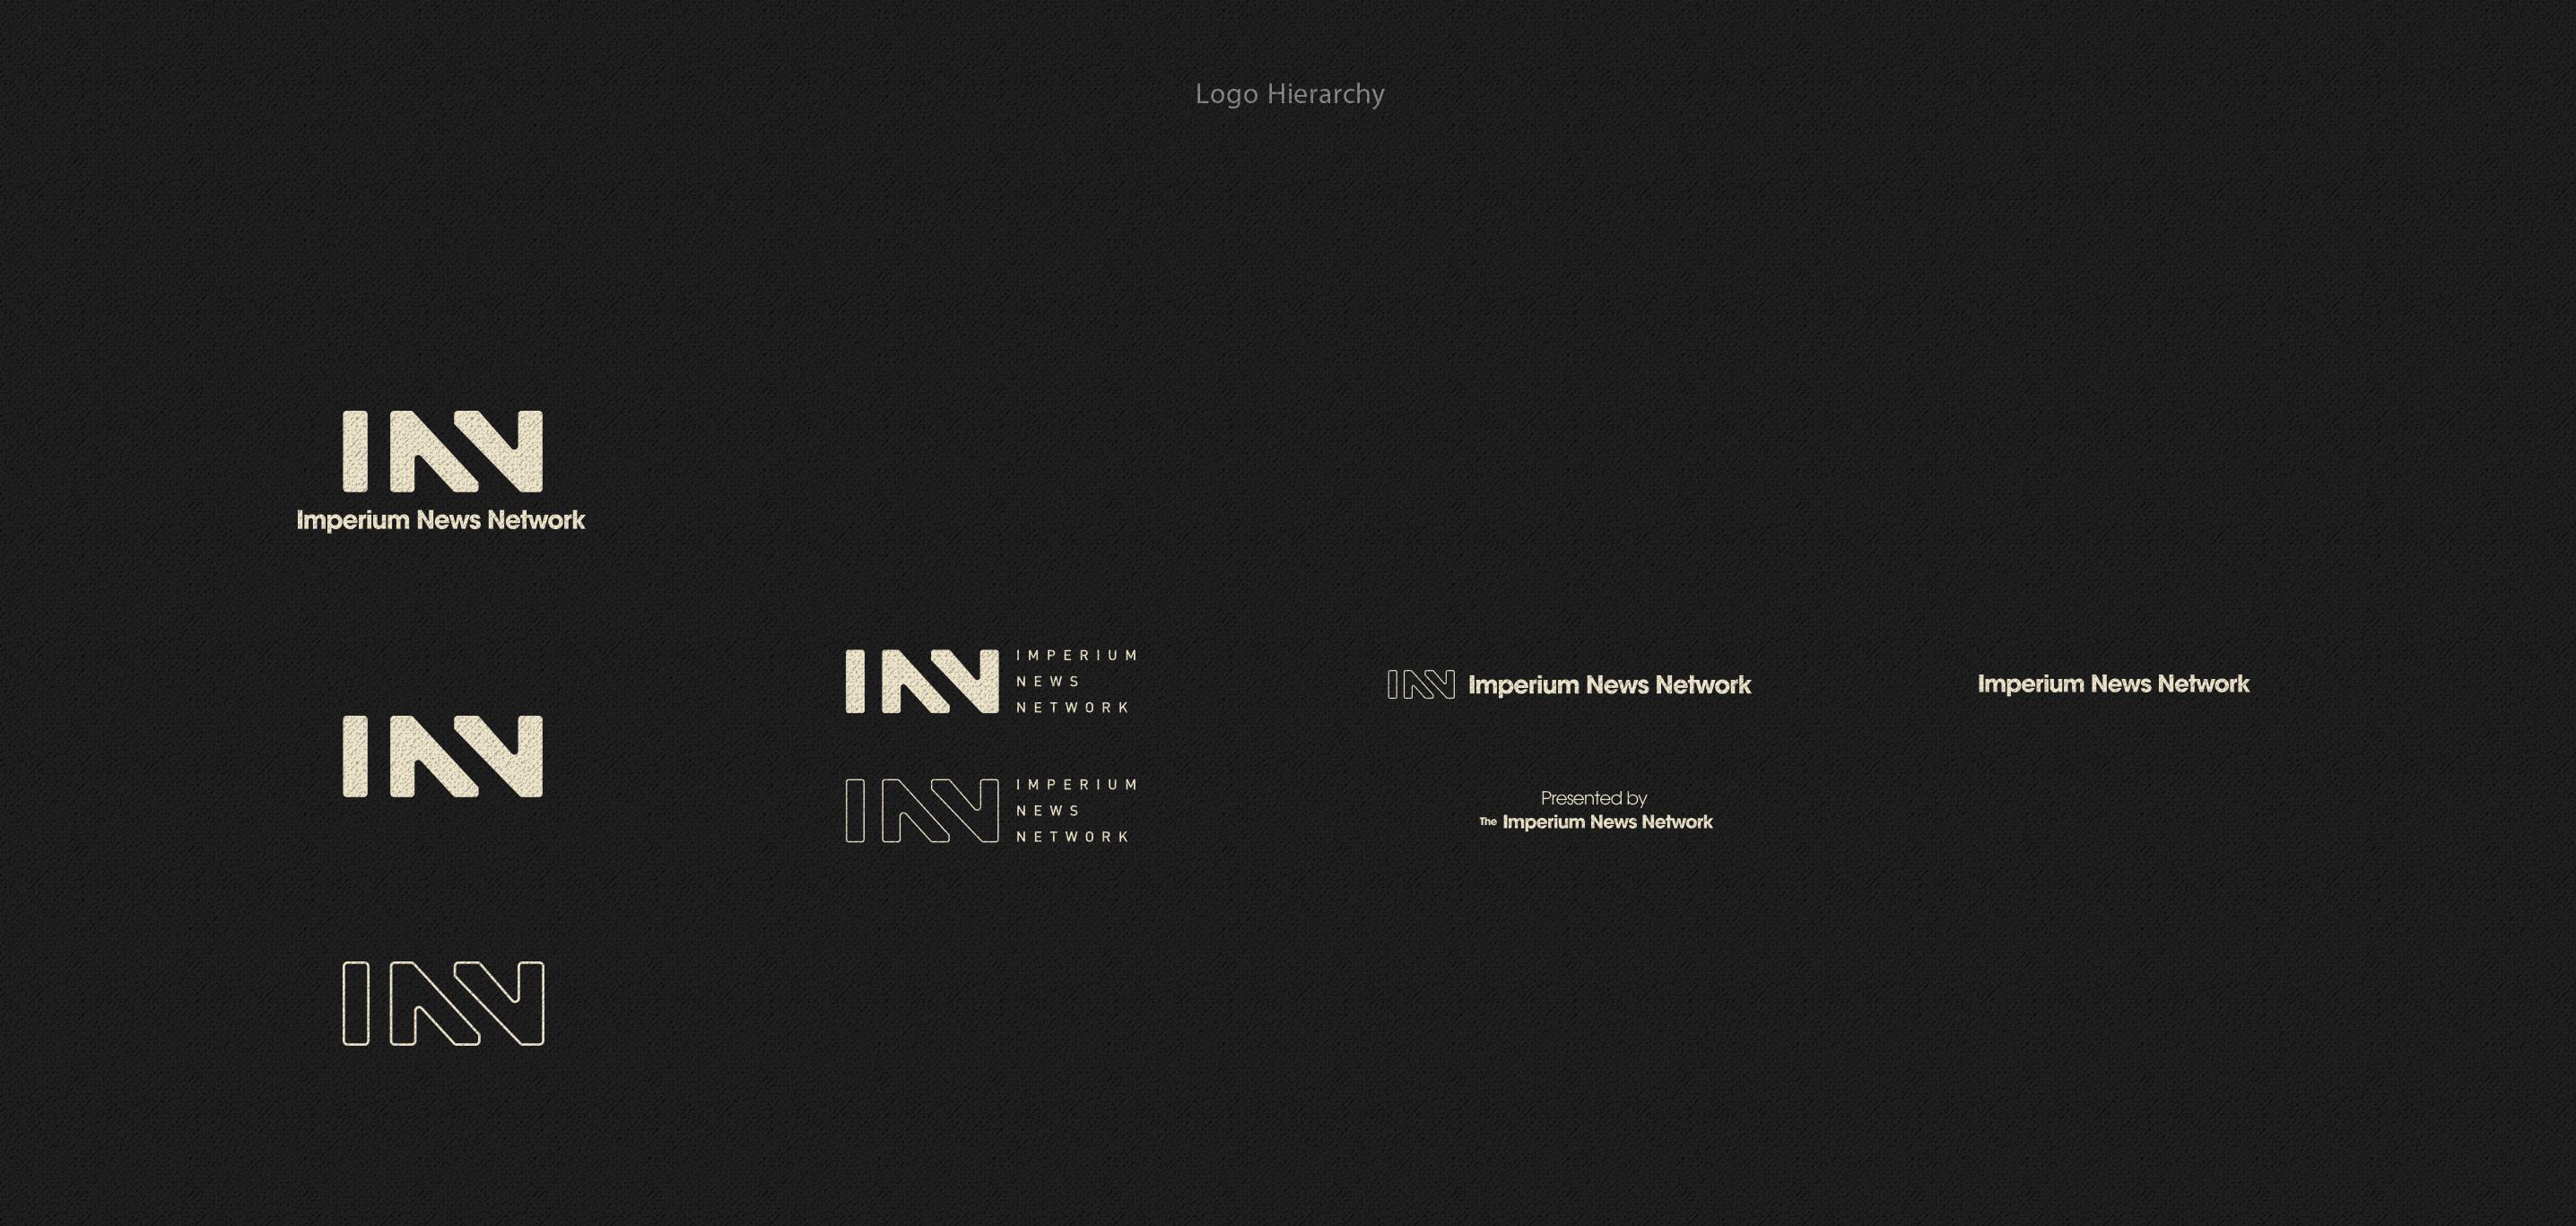 Portfolio-INN-Identity-Main_04